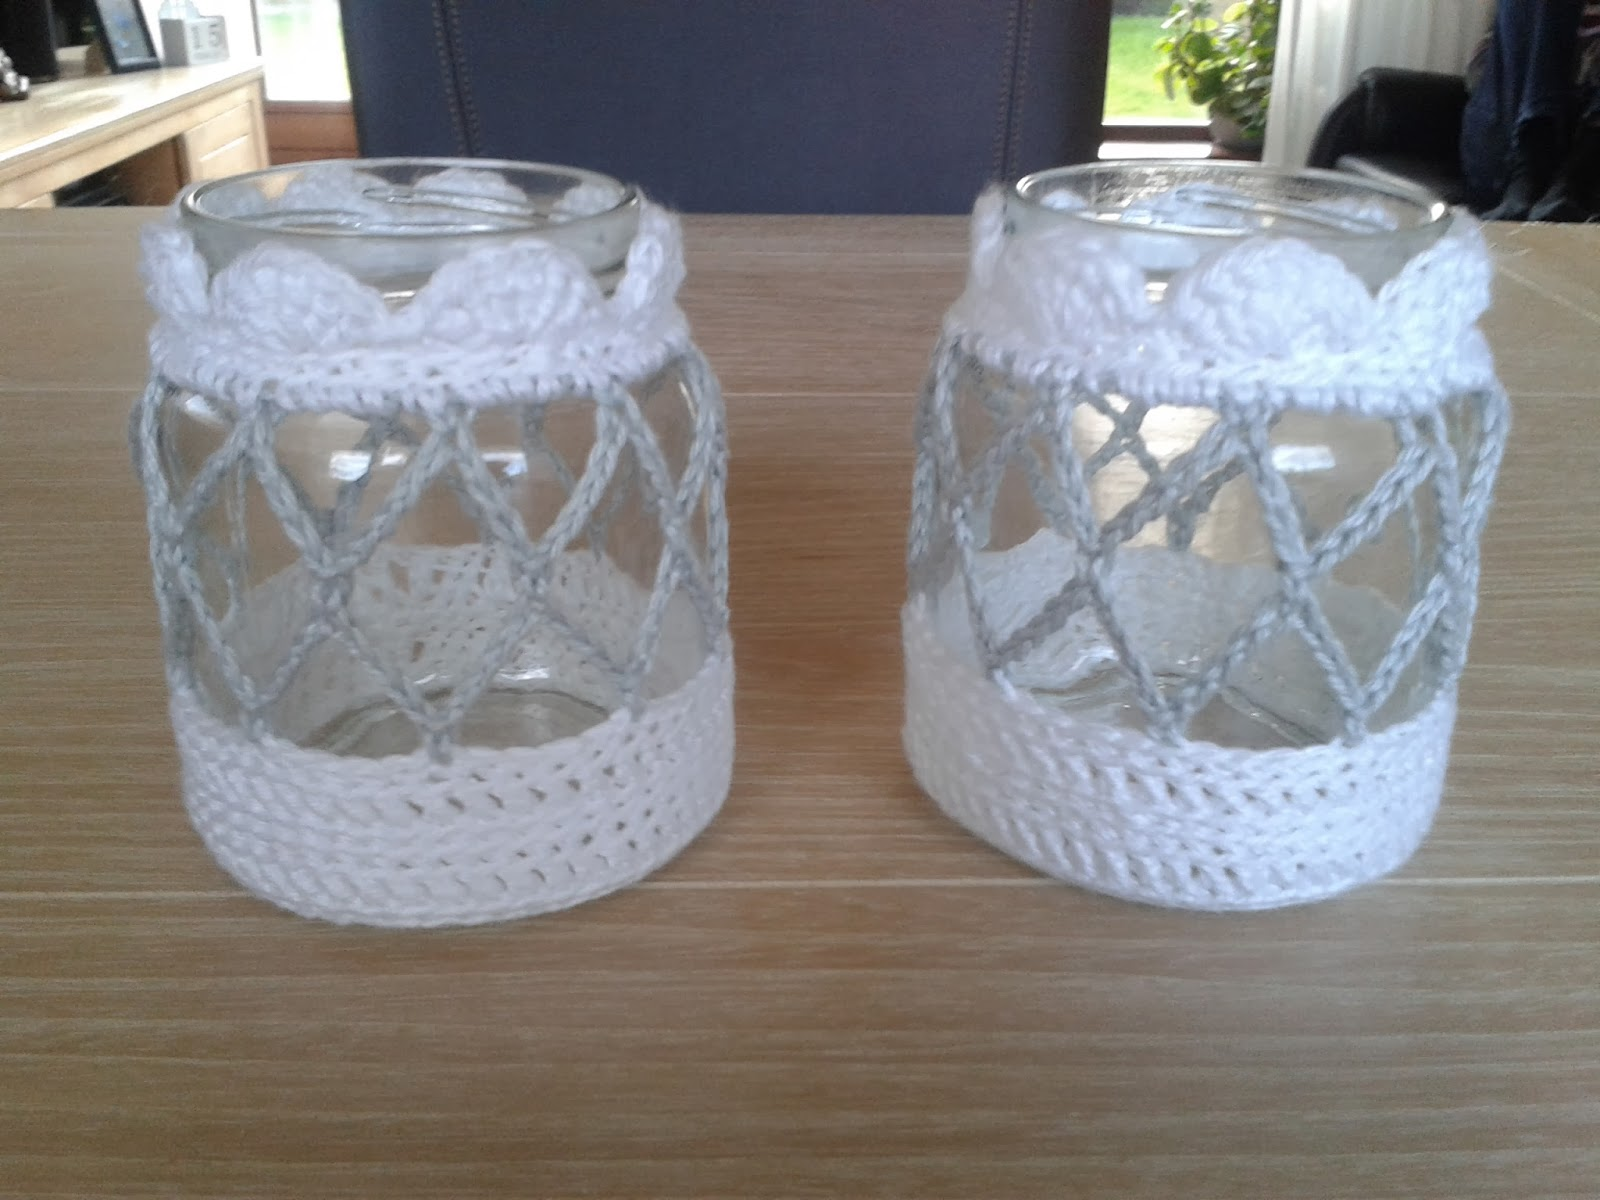 Theelicht Haken Potjes Haken Crochet Jars Haken Met Elisabeth